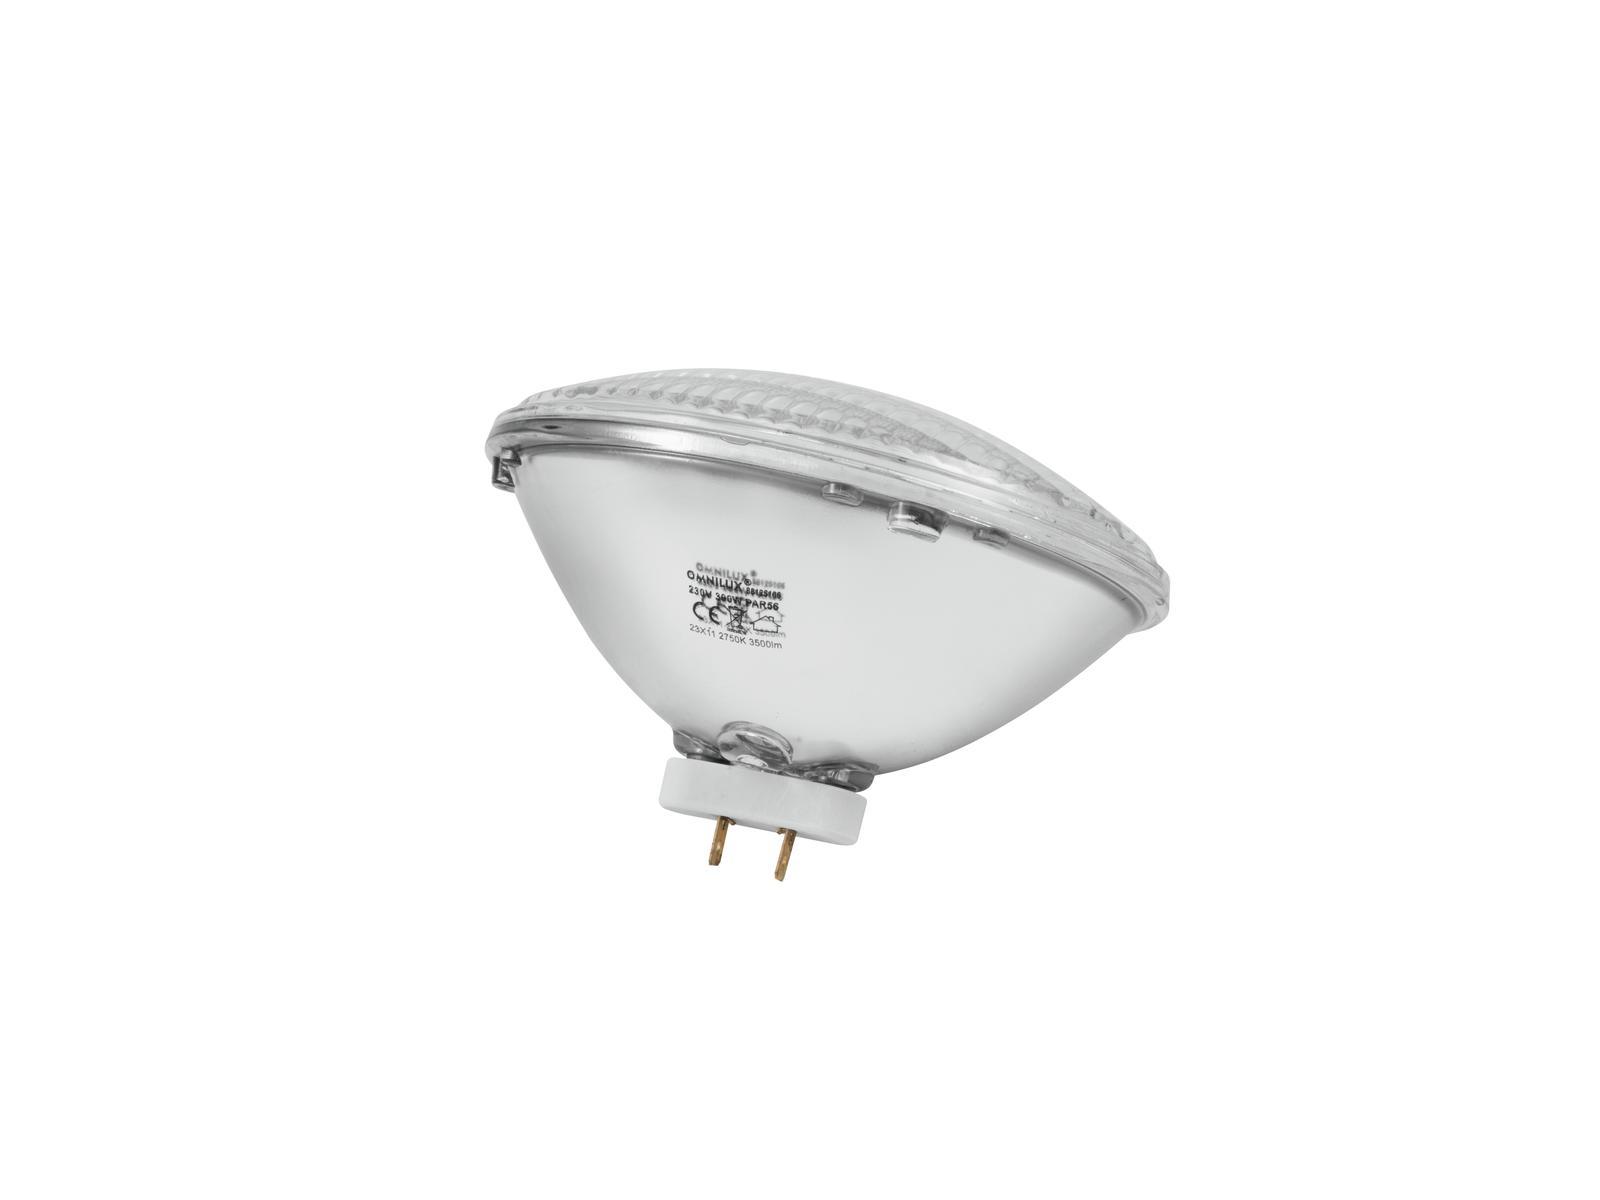 Lampada Faro per Par 56 230V/300W MFL 2000h T OMNILUX 2750 K